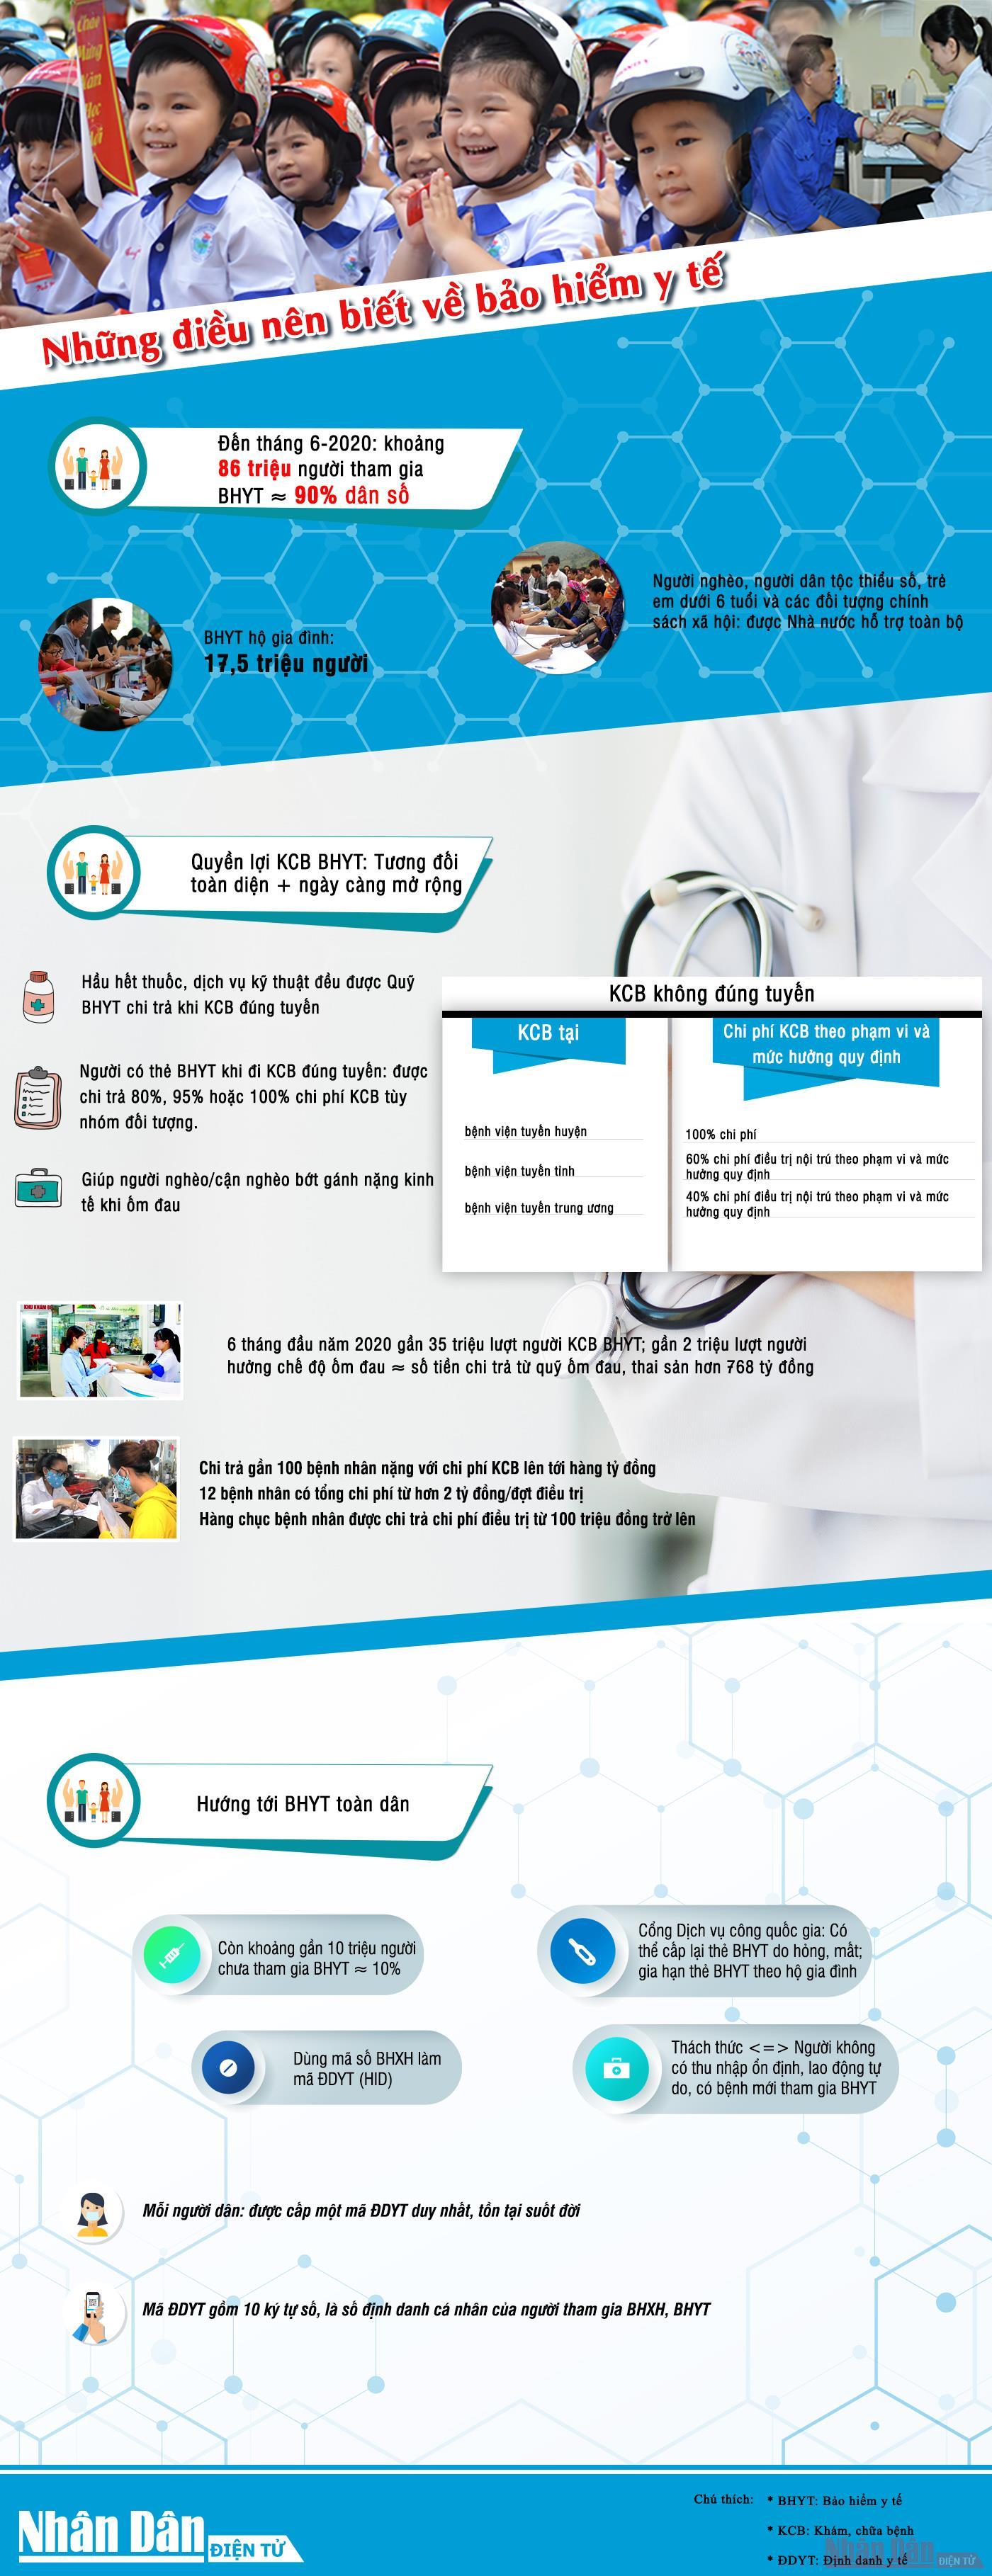 [Infographic] Những điều nên biết về bảo hiểm y tế - Ảnh 1